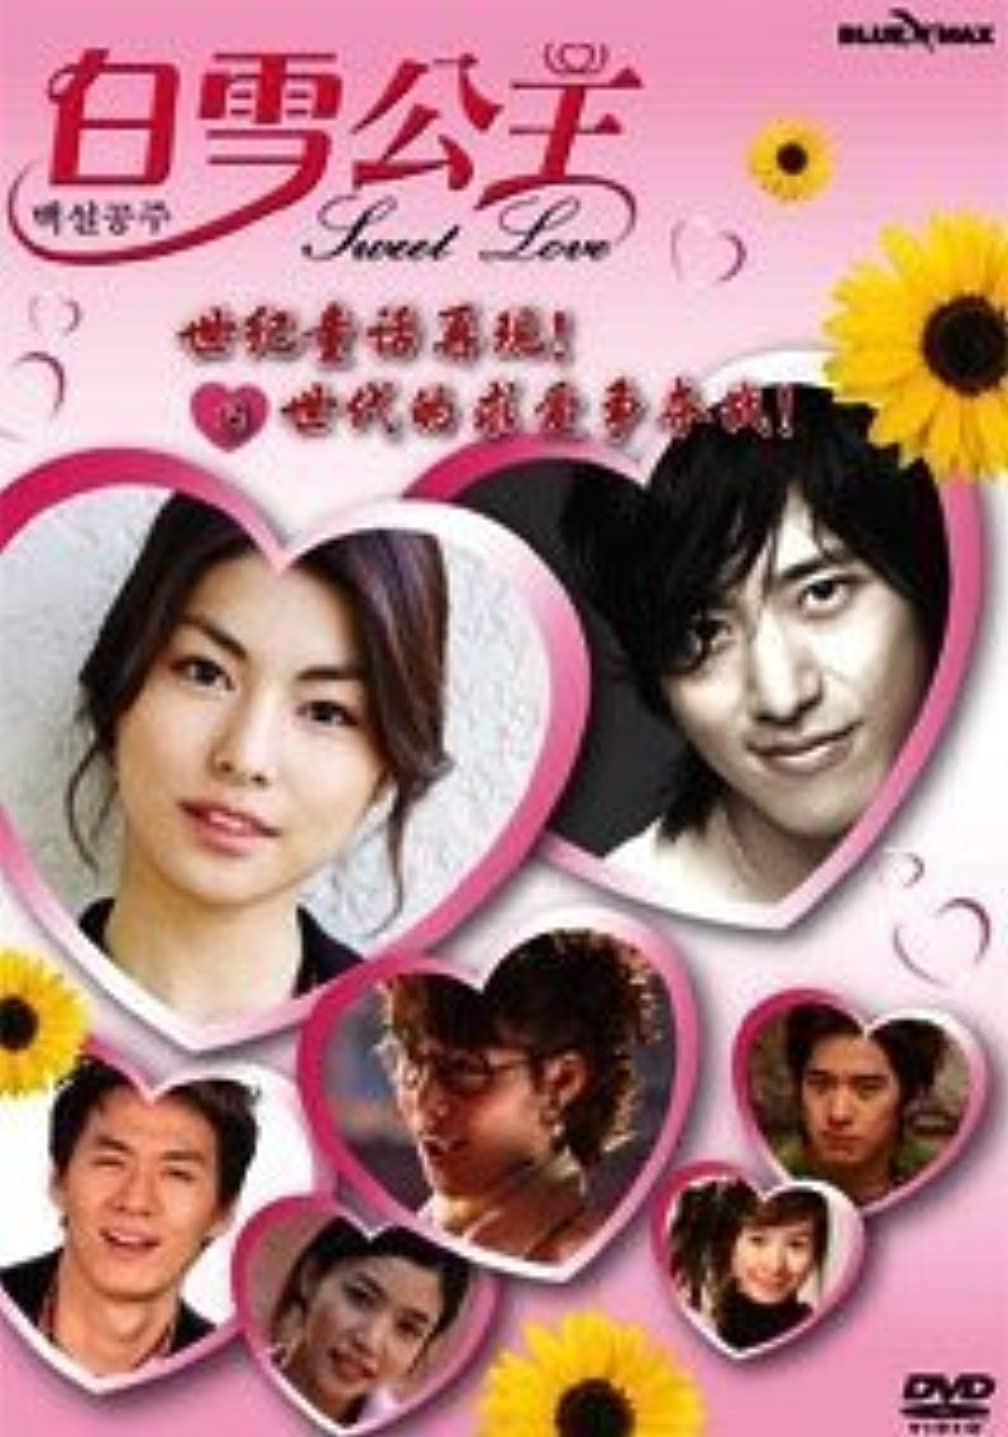 ばか盗賊遅らせるSweet Love / Snow White Korean Tv Series English Sub (4 Dvds)